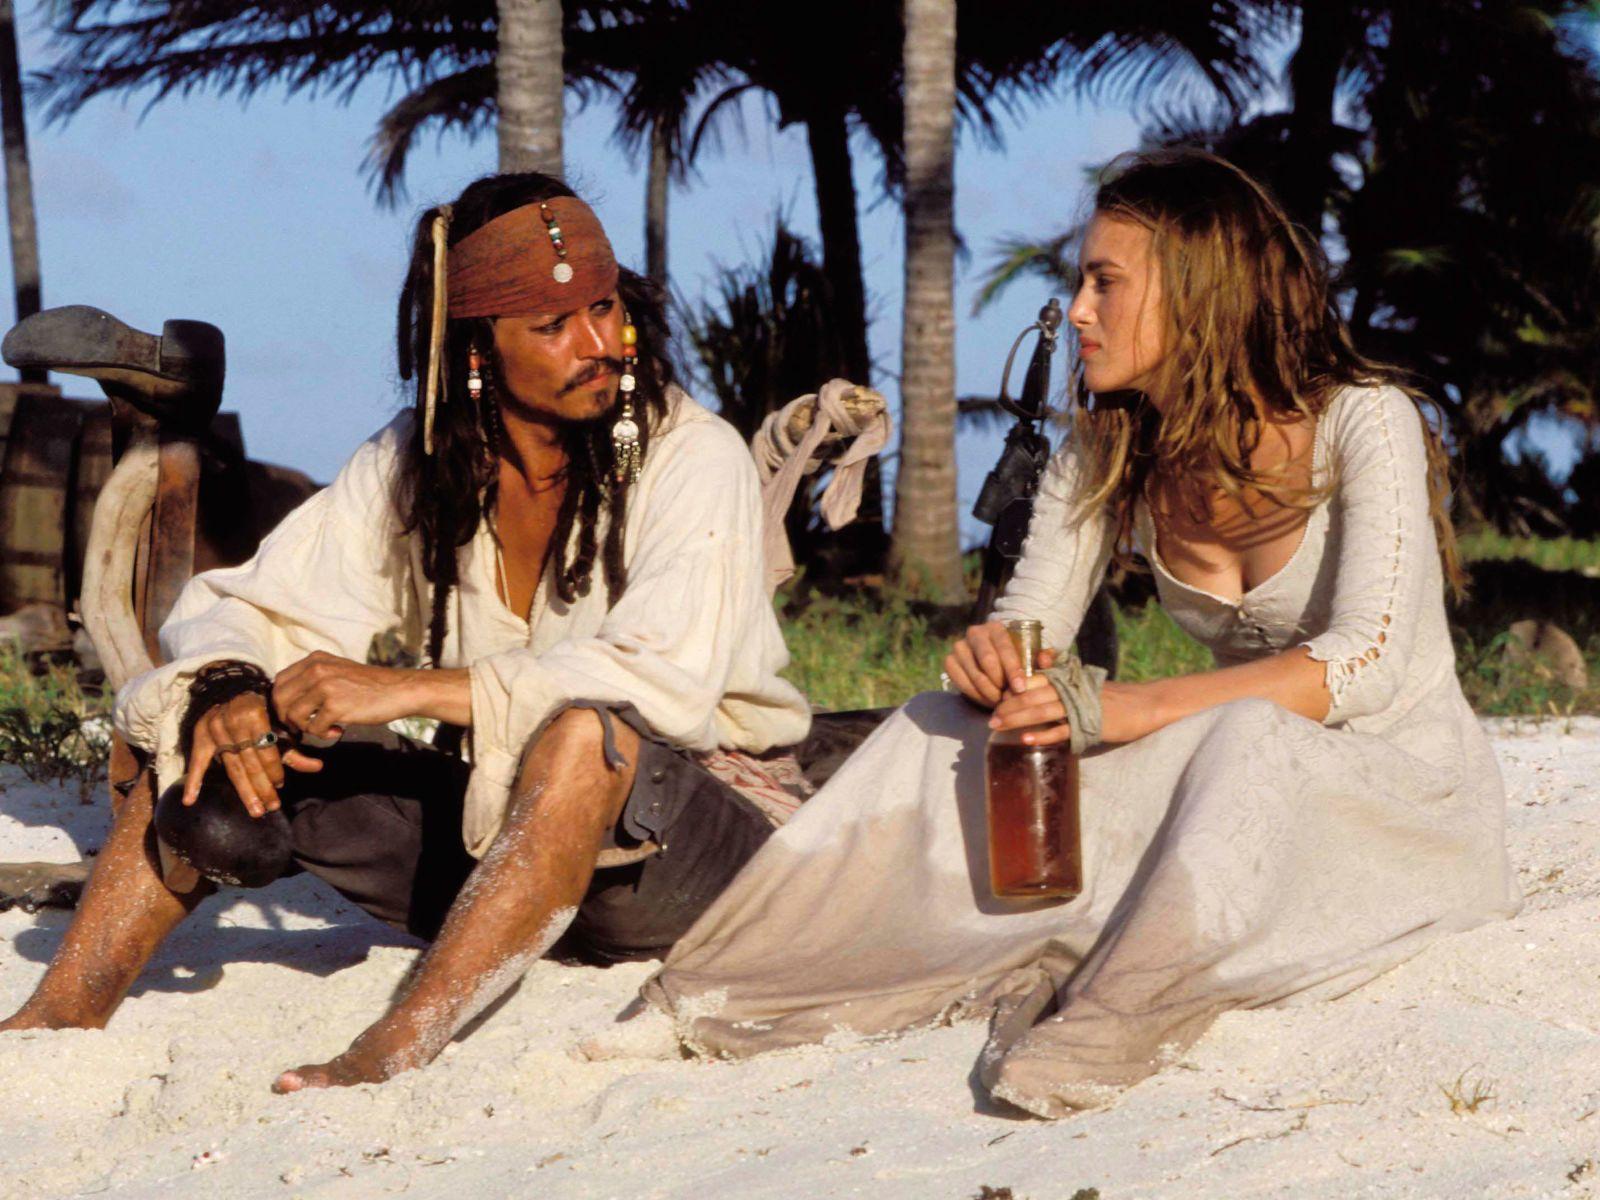 Джонни Депп в роли капитана Джека Воробья на кадре из фильма «Пираты Карибского моря: Проклятие Чёрной жемчужины»